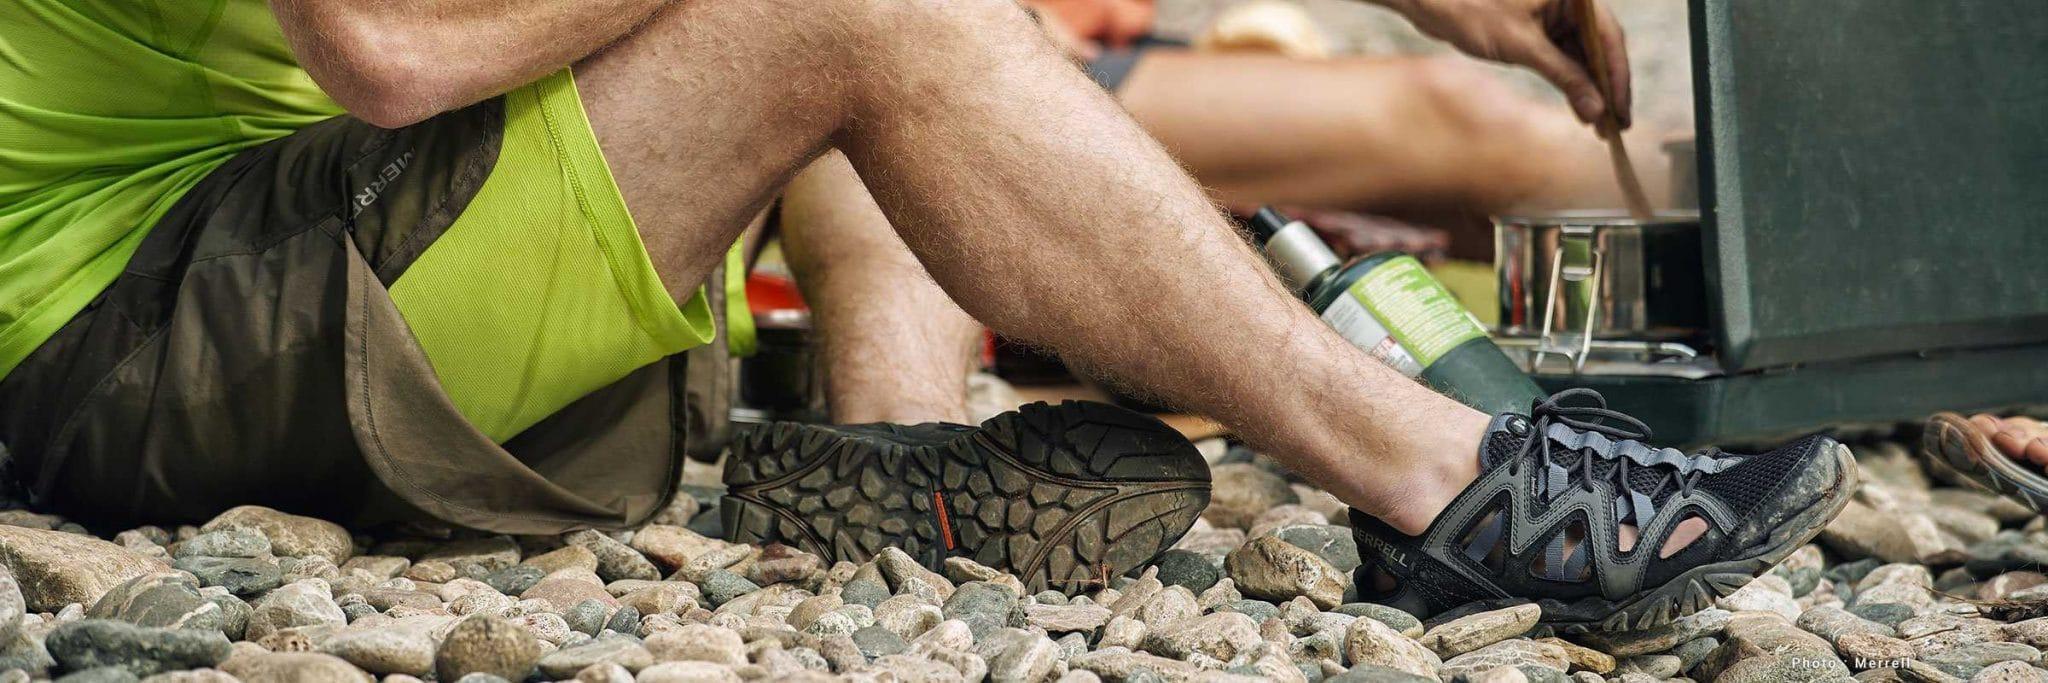 sports sandals - Summer Sandals For Men